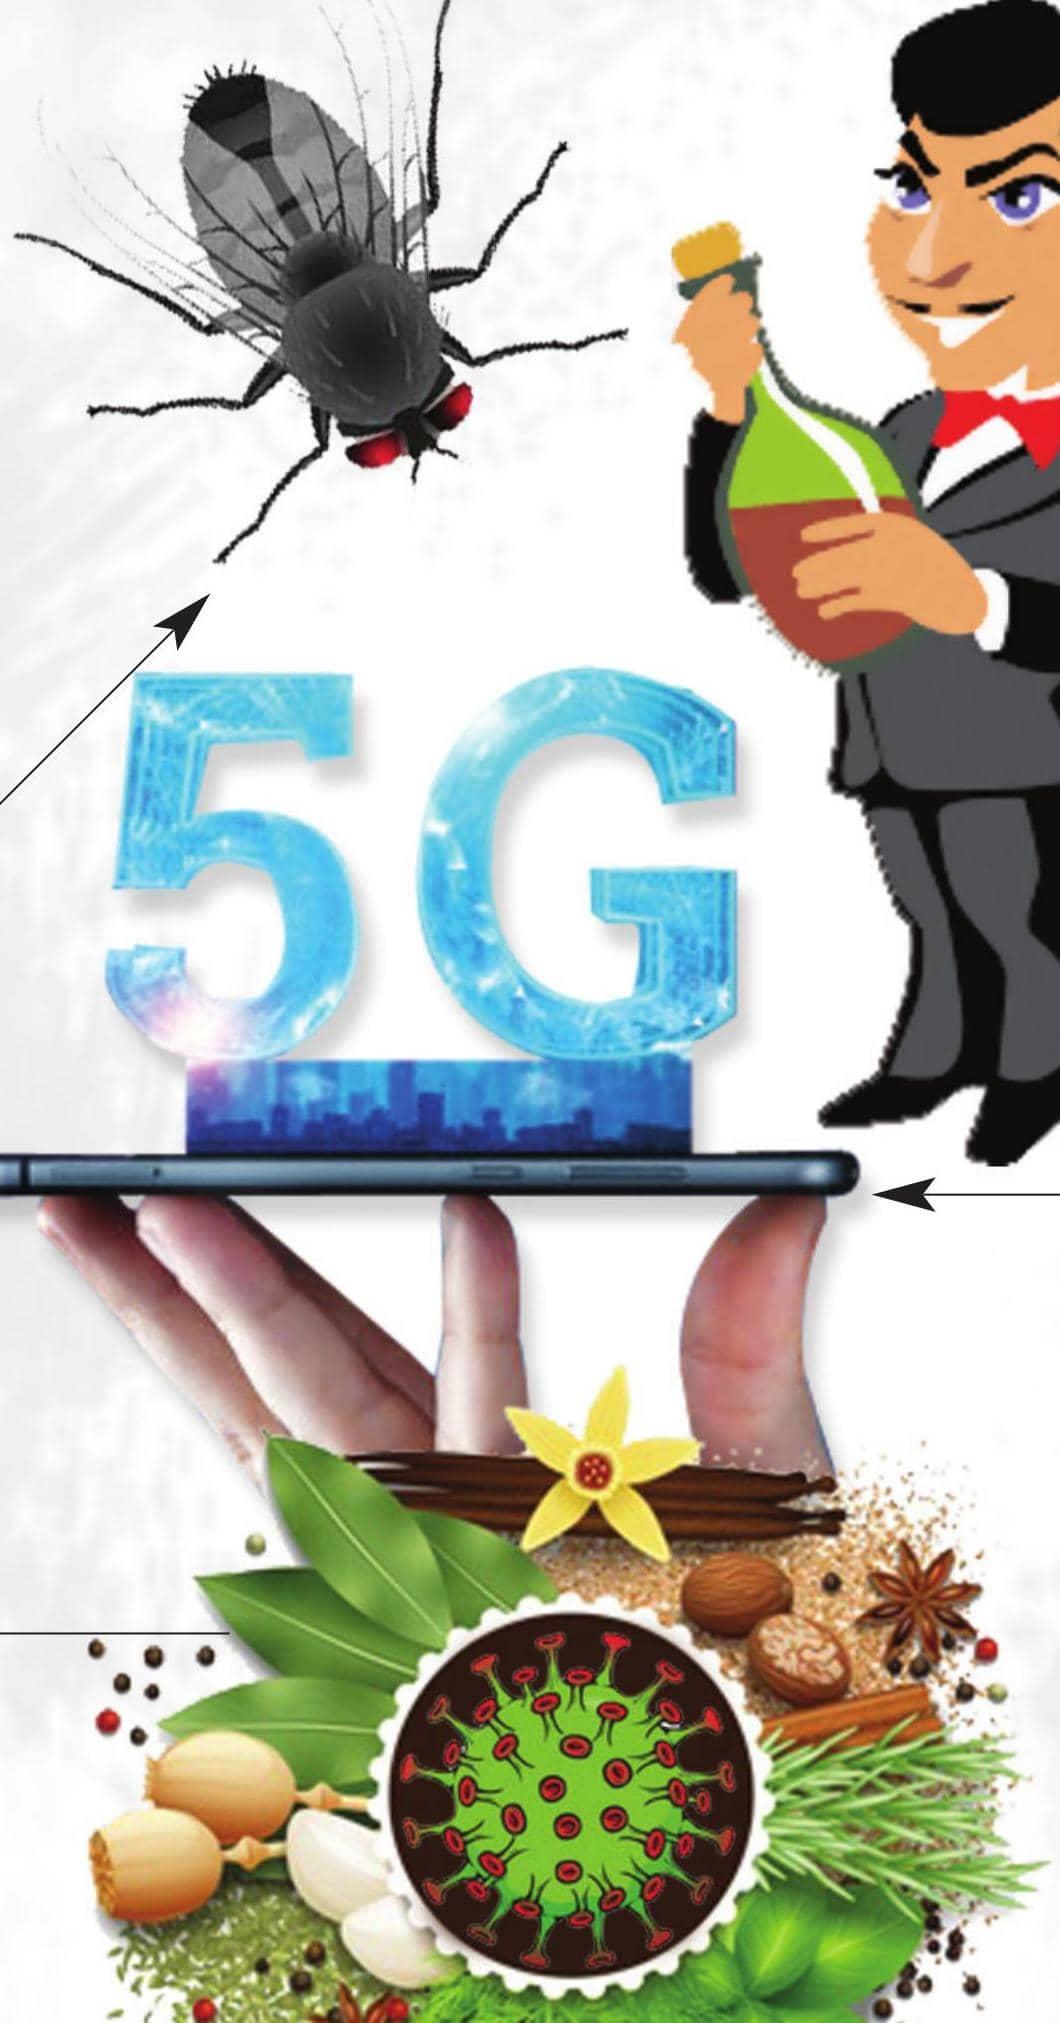 5जी मोबाइल नेटवर्क से कोरोना तो नहीं हो जाएगा?